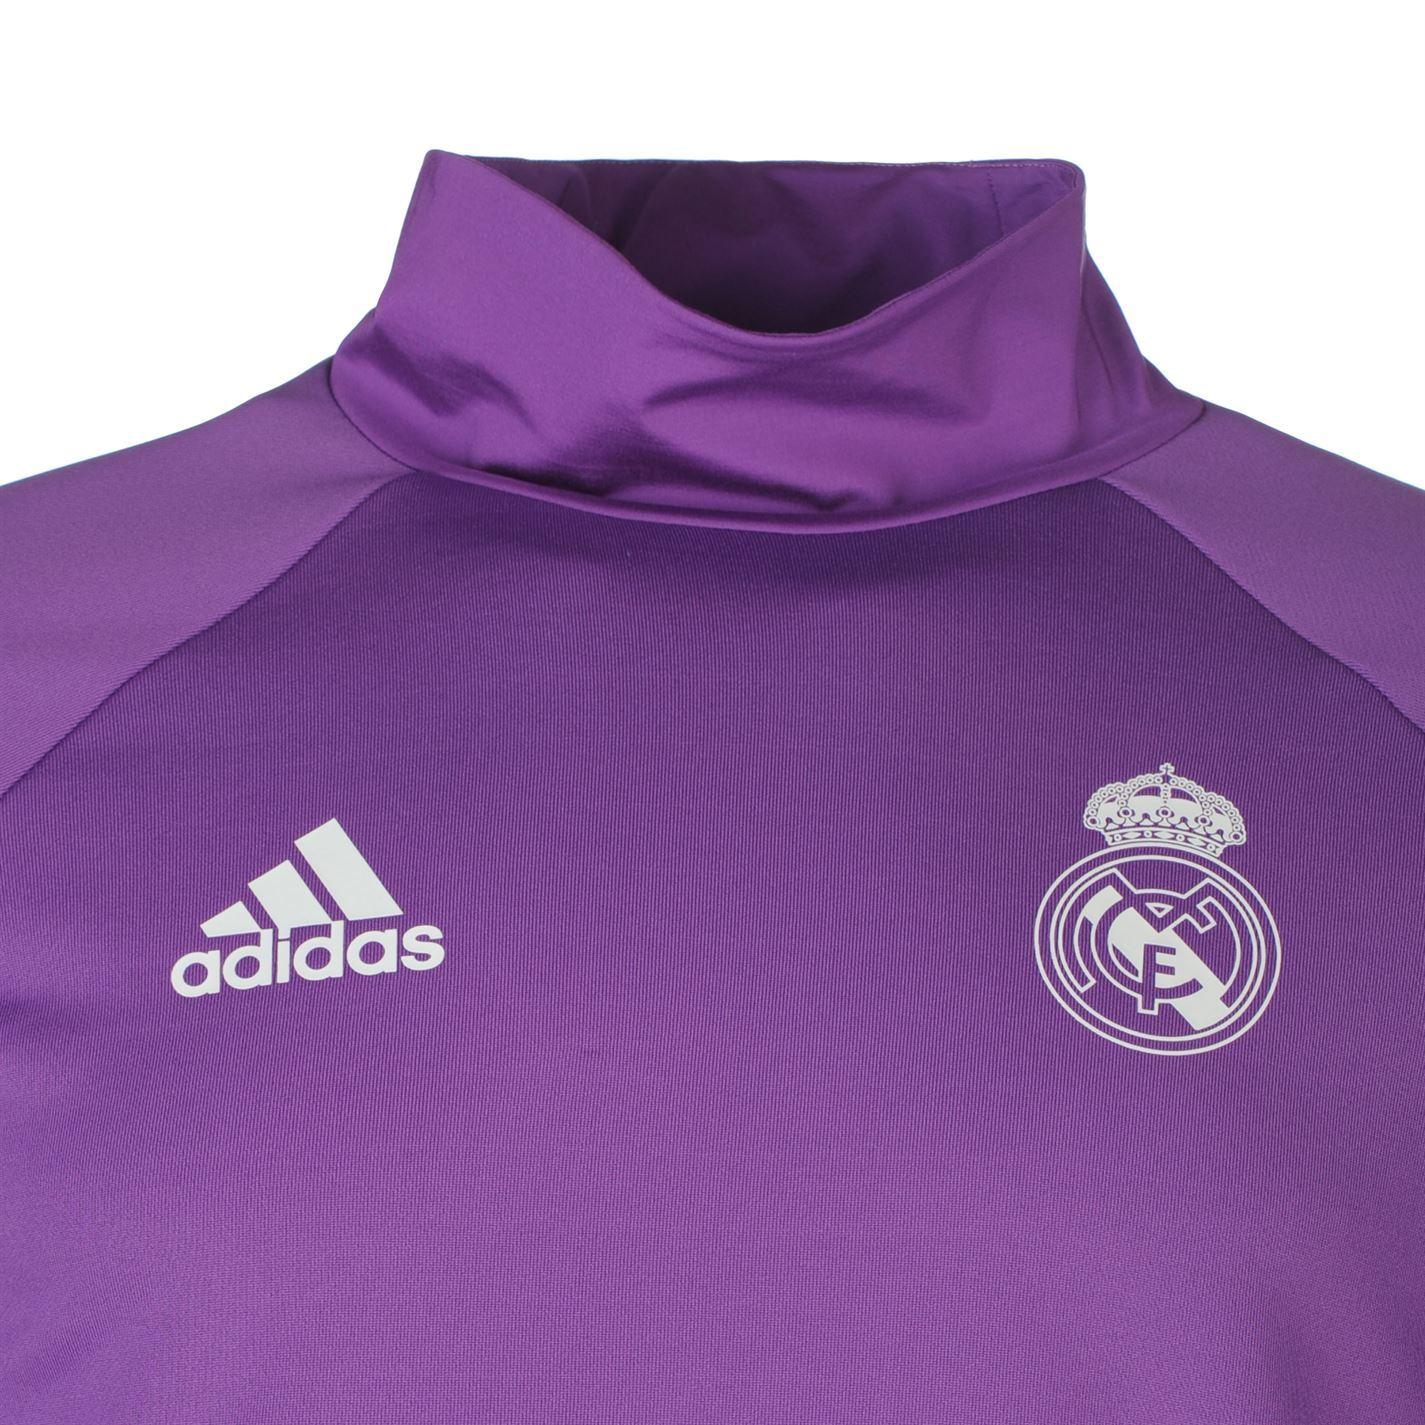 Détails sur Adidas Real Madrid Haut Entraînement Hommes Violet Football Ballon Maillot